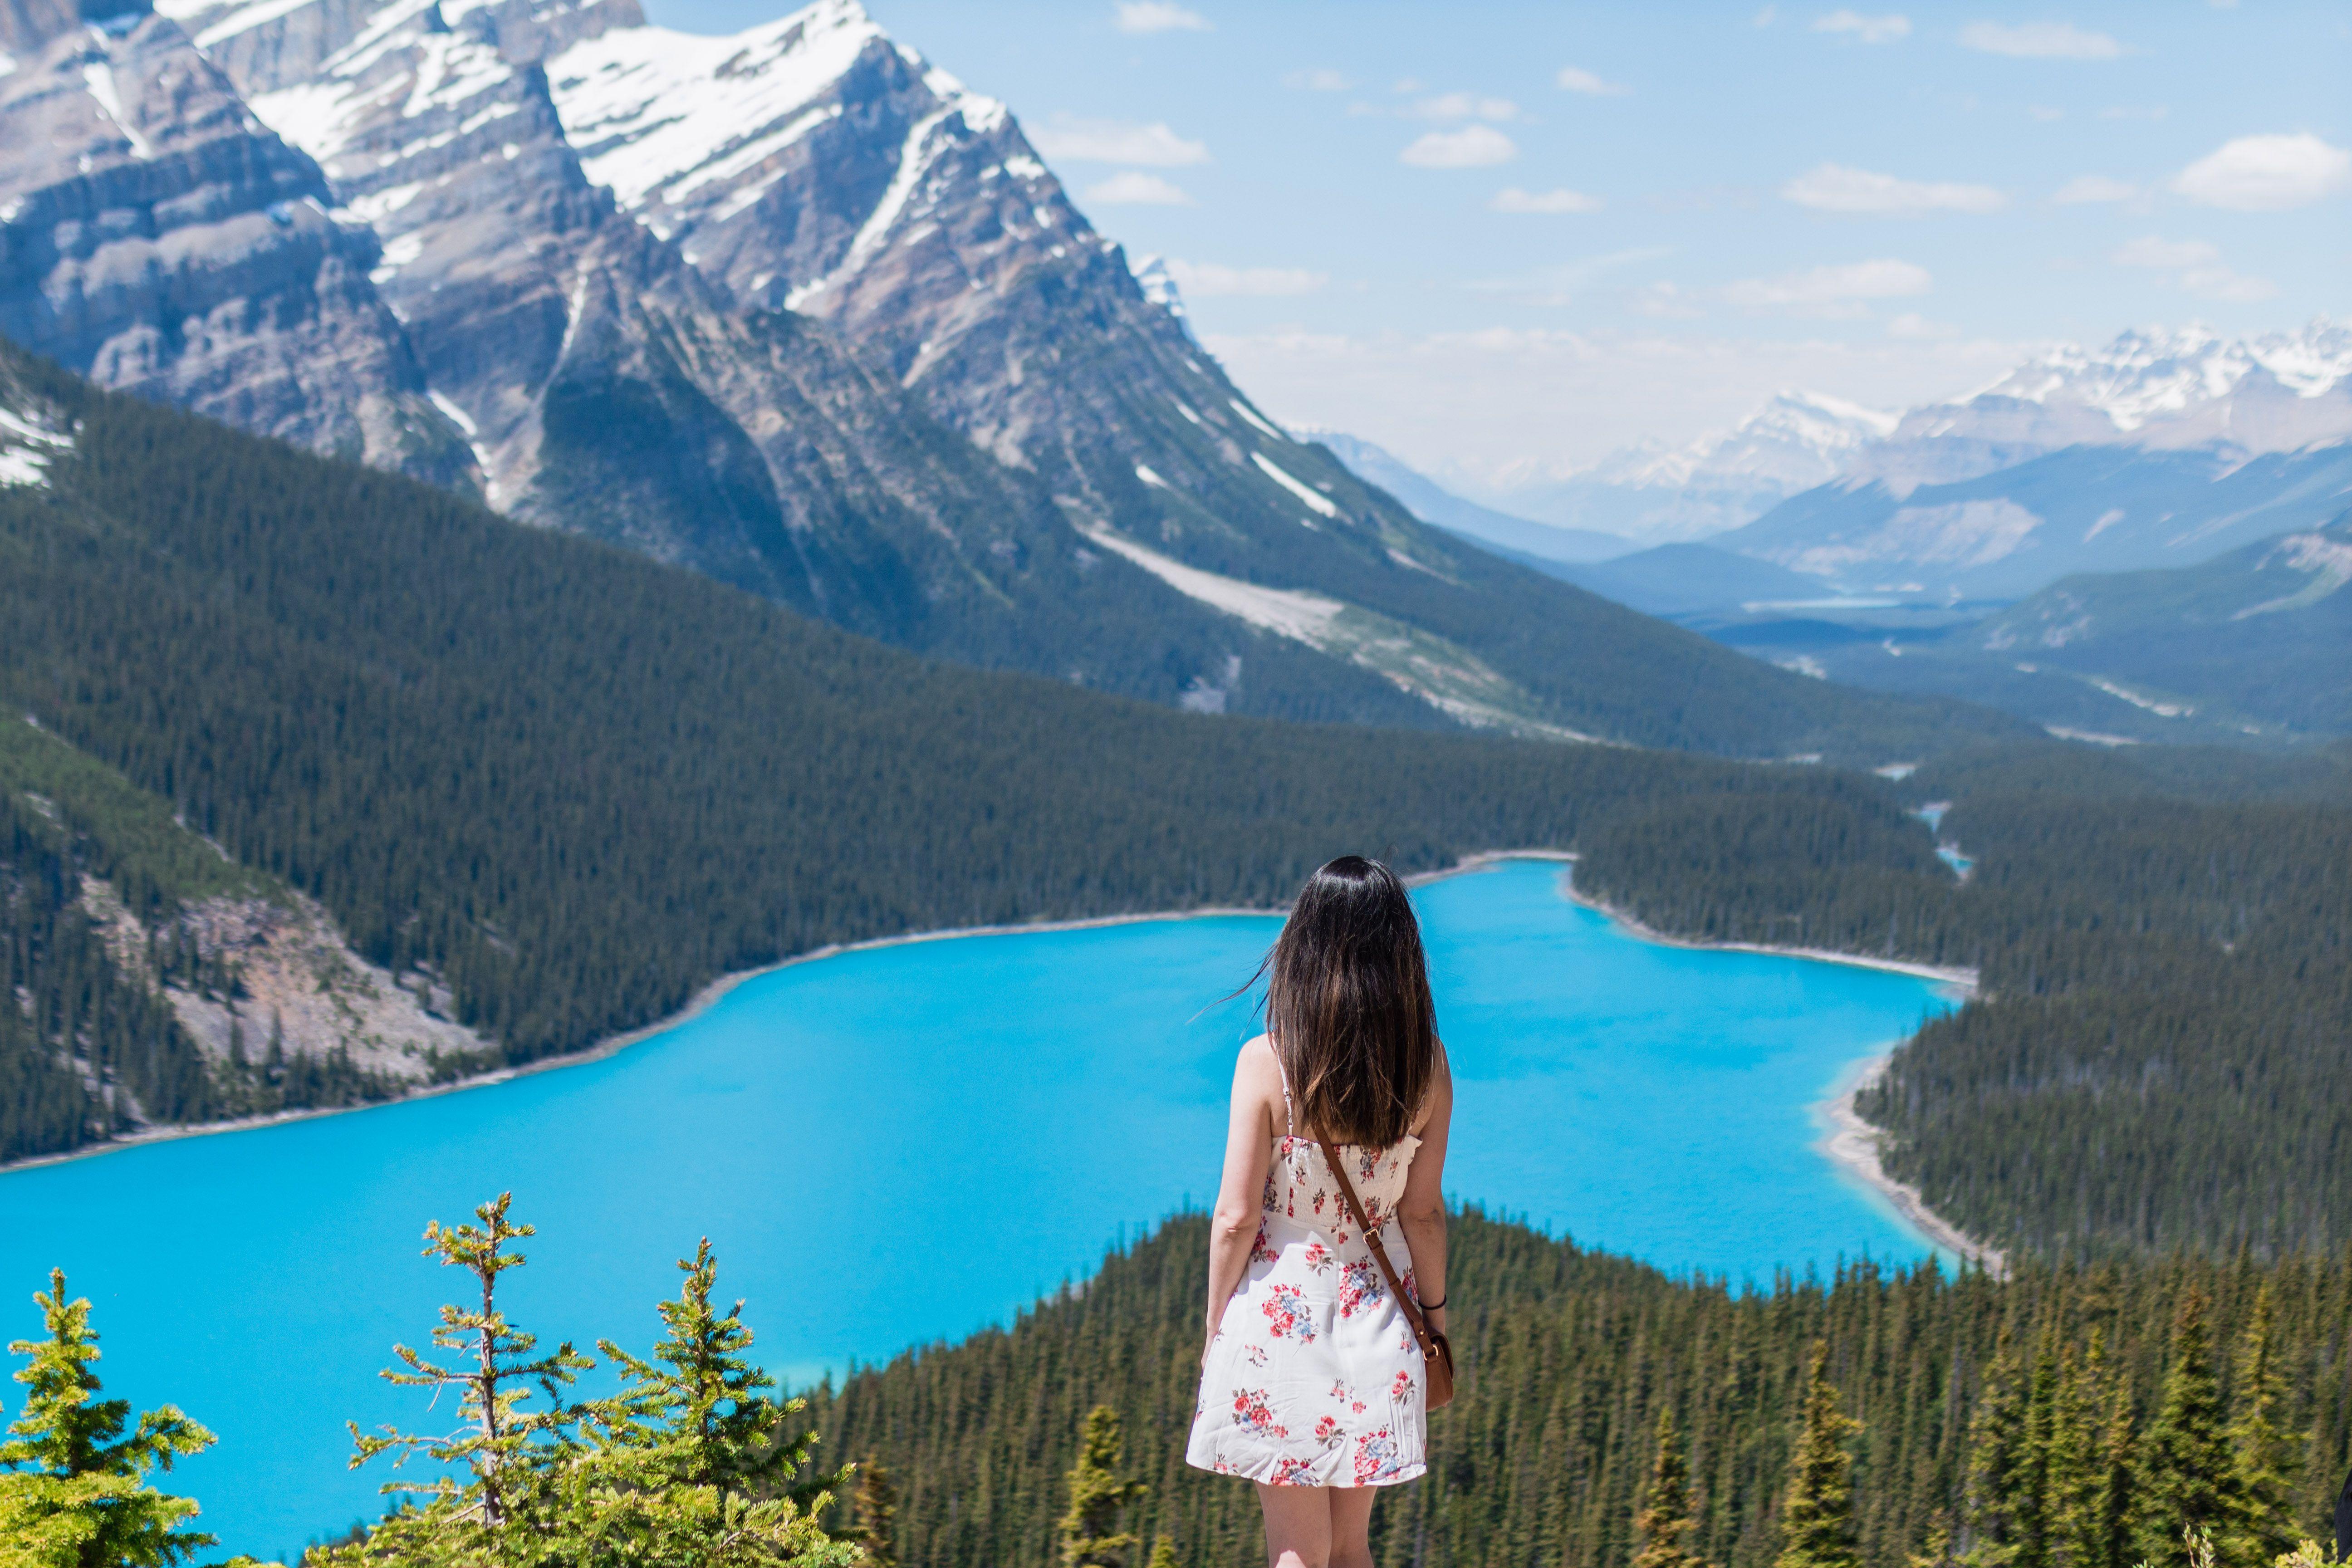 Download wallpapers 4k, Lake Louise, summer, Banff